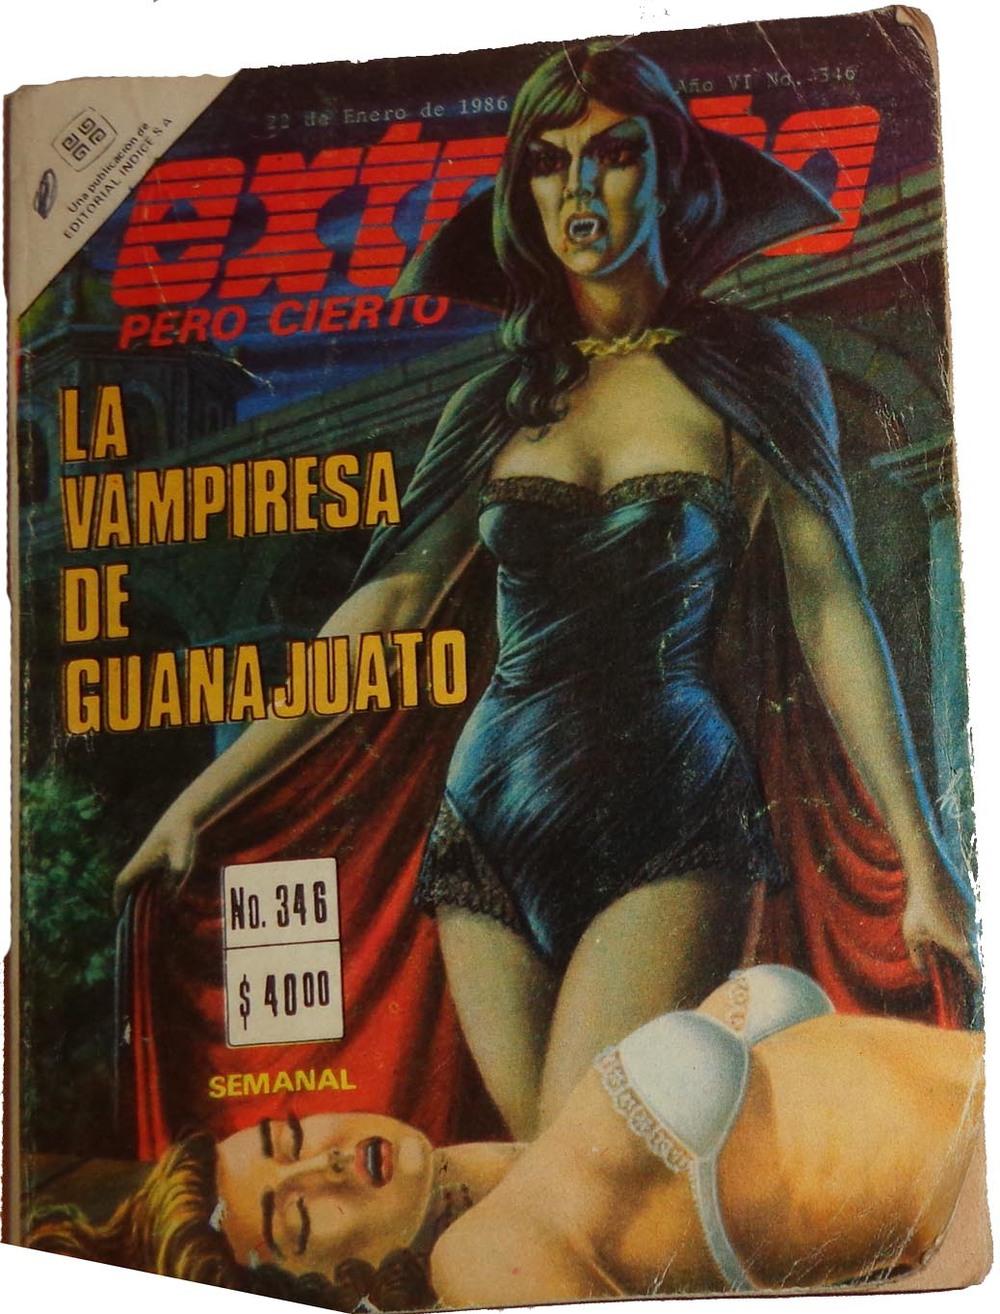 DSC02685 (BH) la vampiresa de guanajuato.jpg